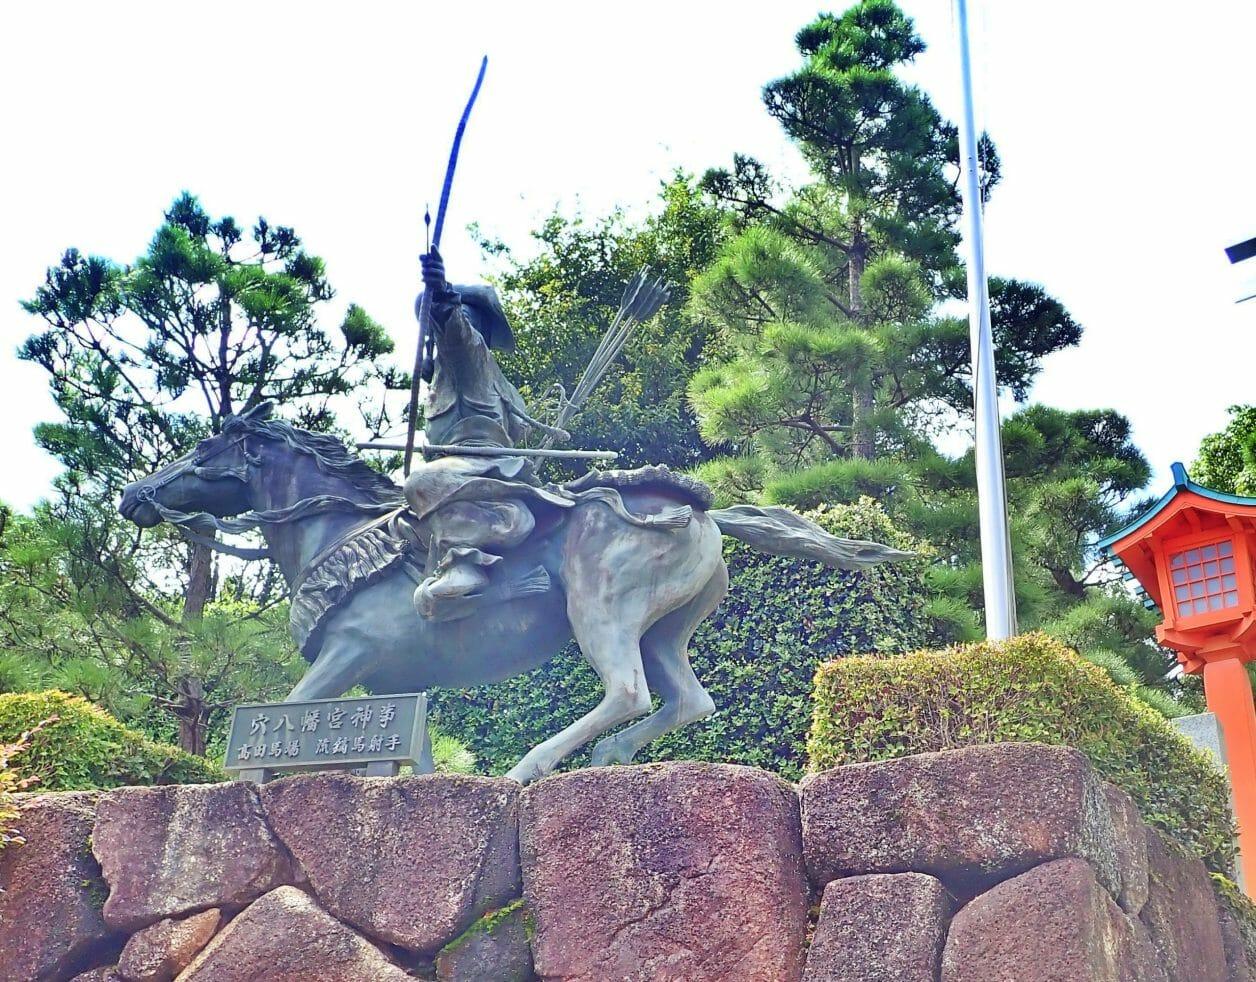 穴八幡宮の鳥居の後ろにある流鏑馬の像